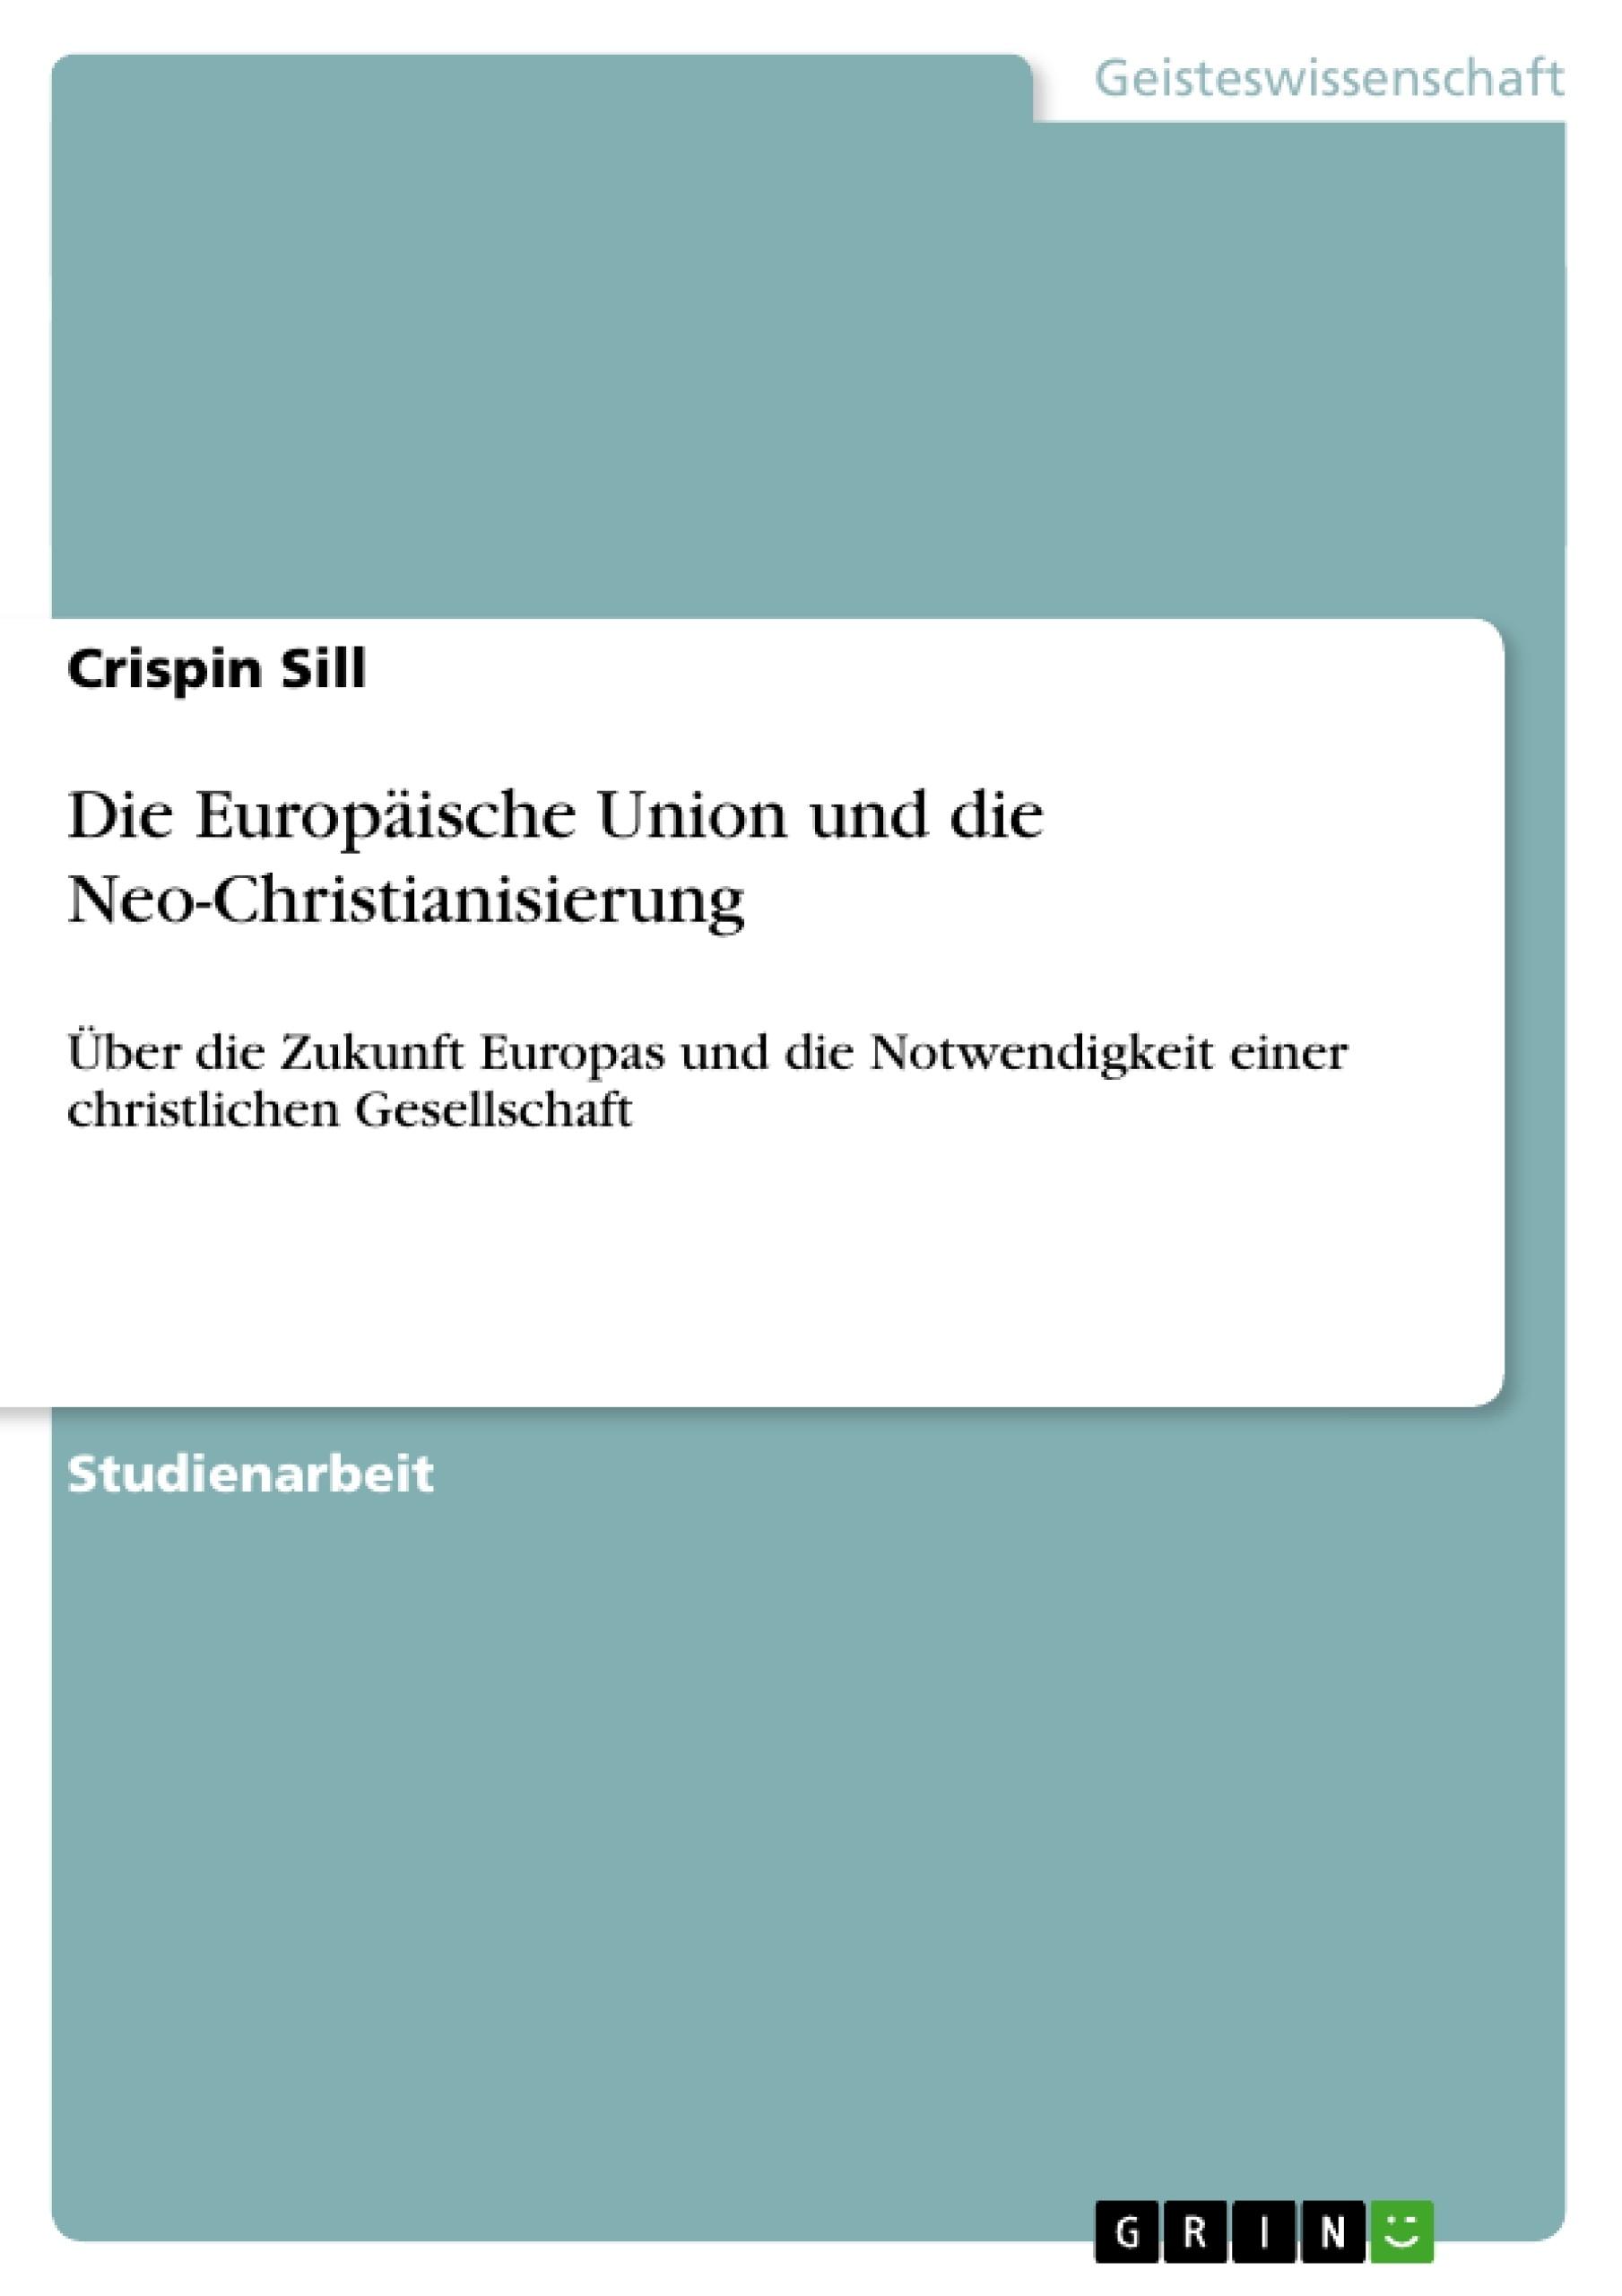 Titel: Die Europäische Union und die Neo-Christianisierung